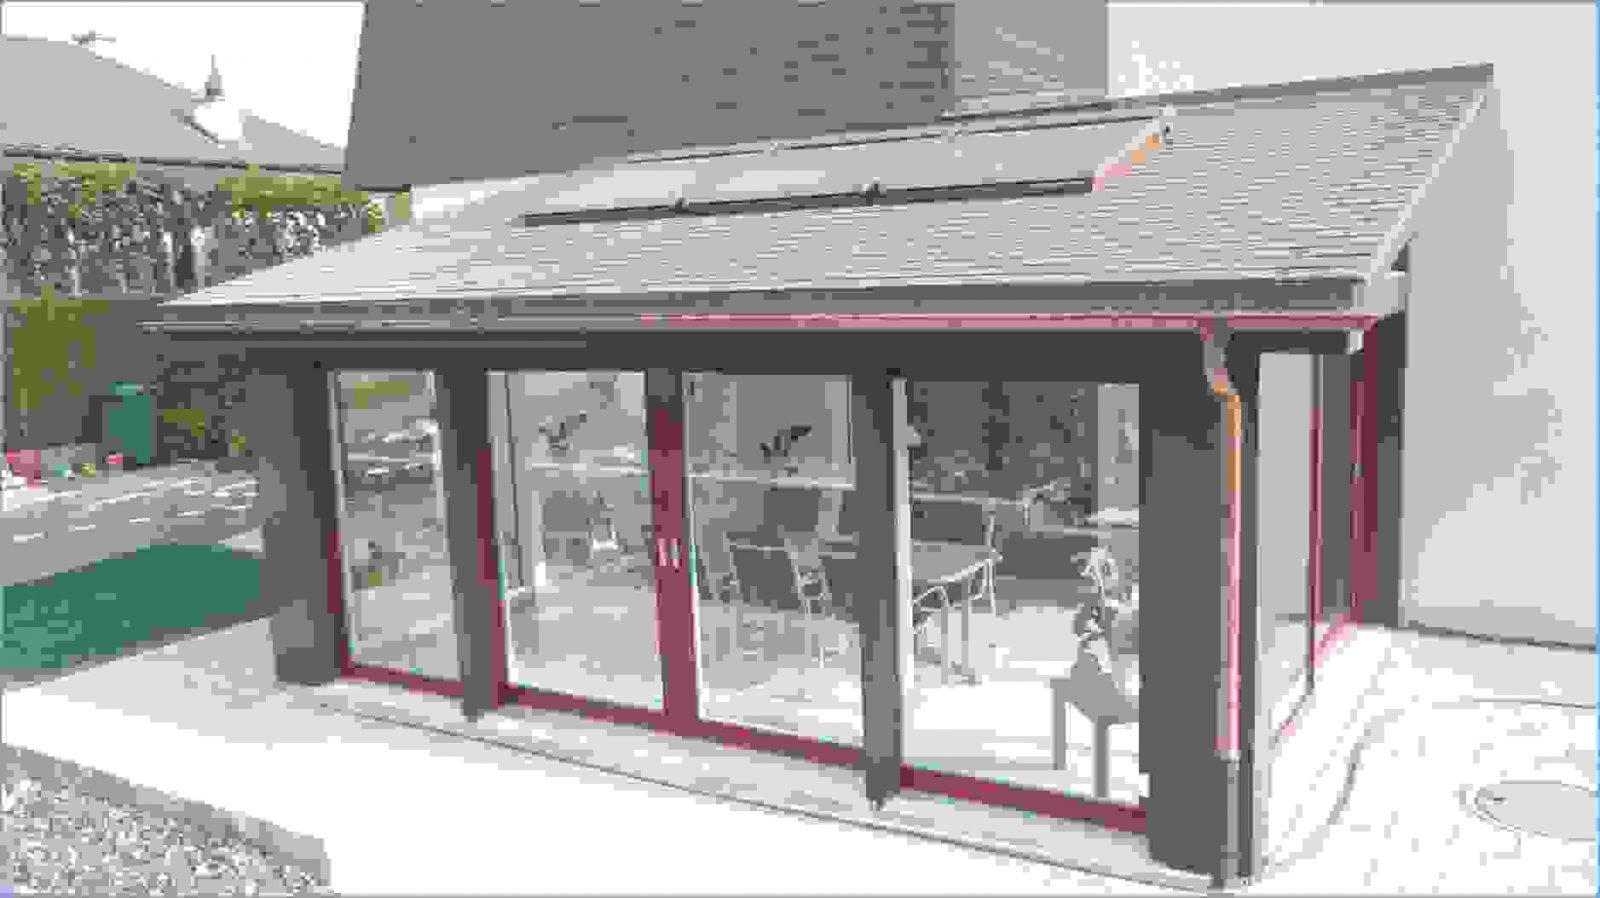 Balkon Aus Holz Selber Bauen – Actoffo Von Balkon Holz Selber Bauen von Balkon Aus Holz Selber Bauen Bild